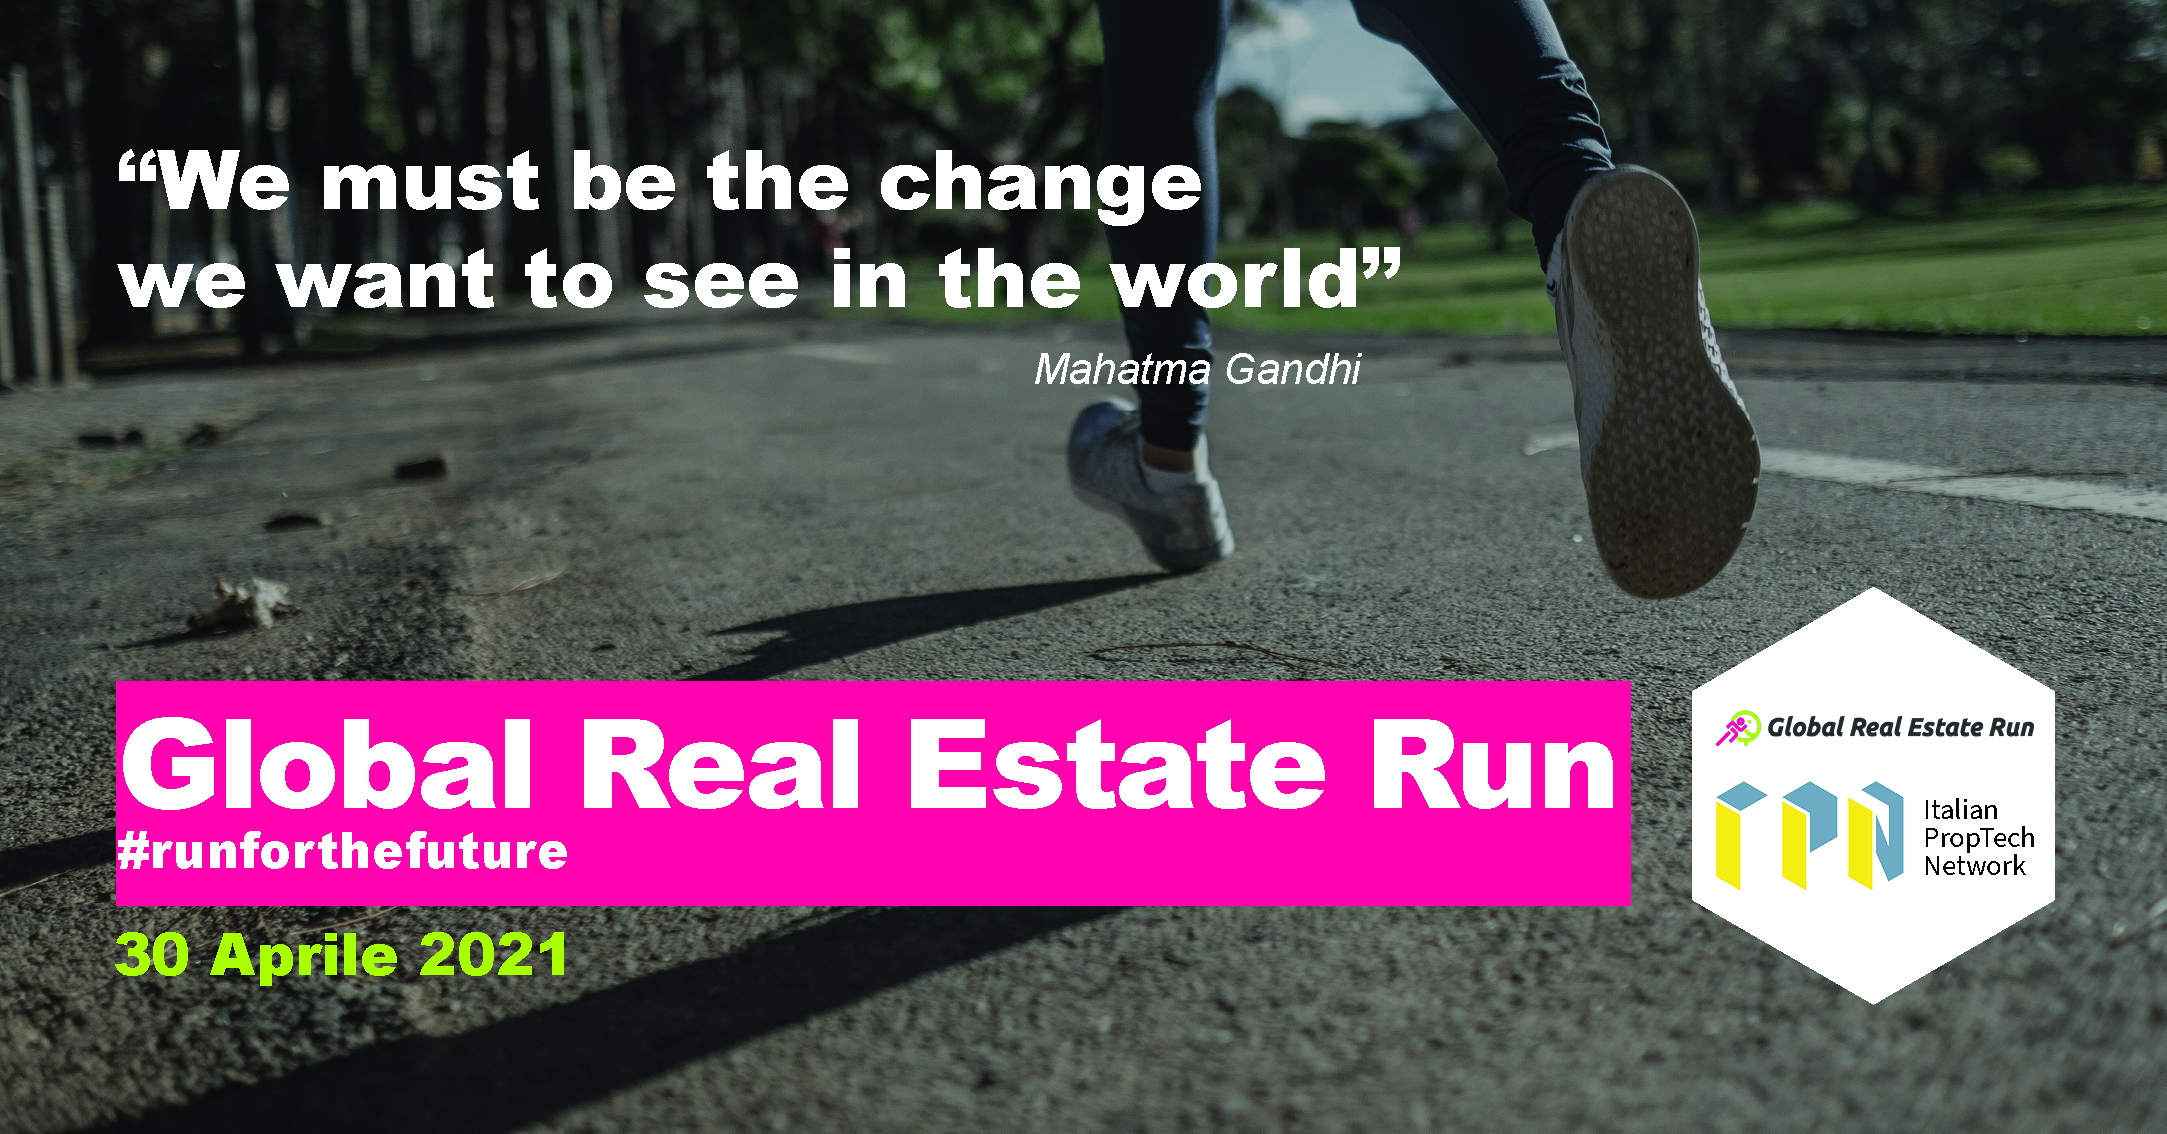 Global Real Estate Run